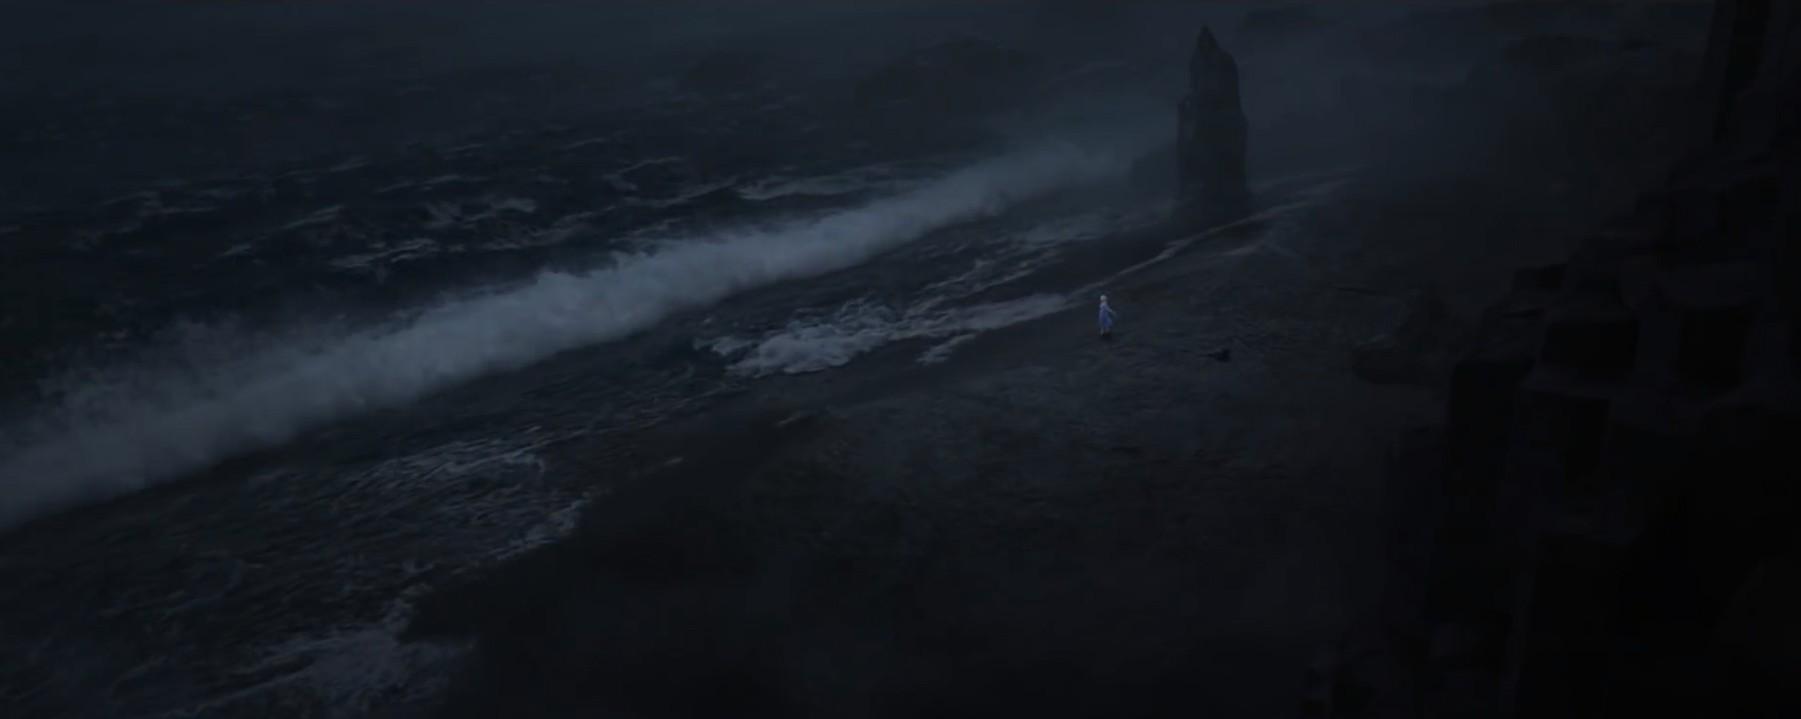 《冰雪奇缘2》预告首爆!艾莎放大招 首部角色尽数回归